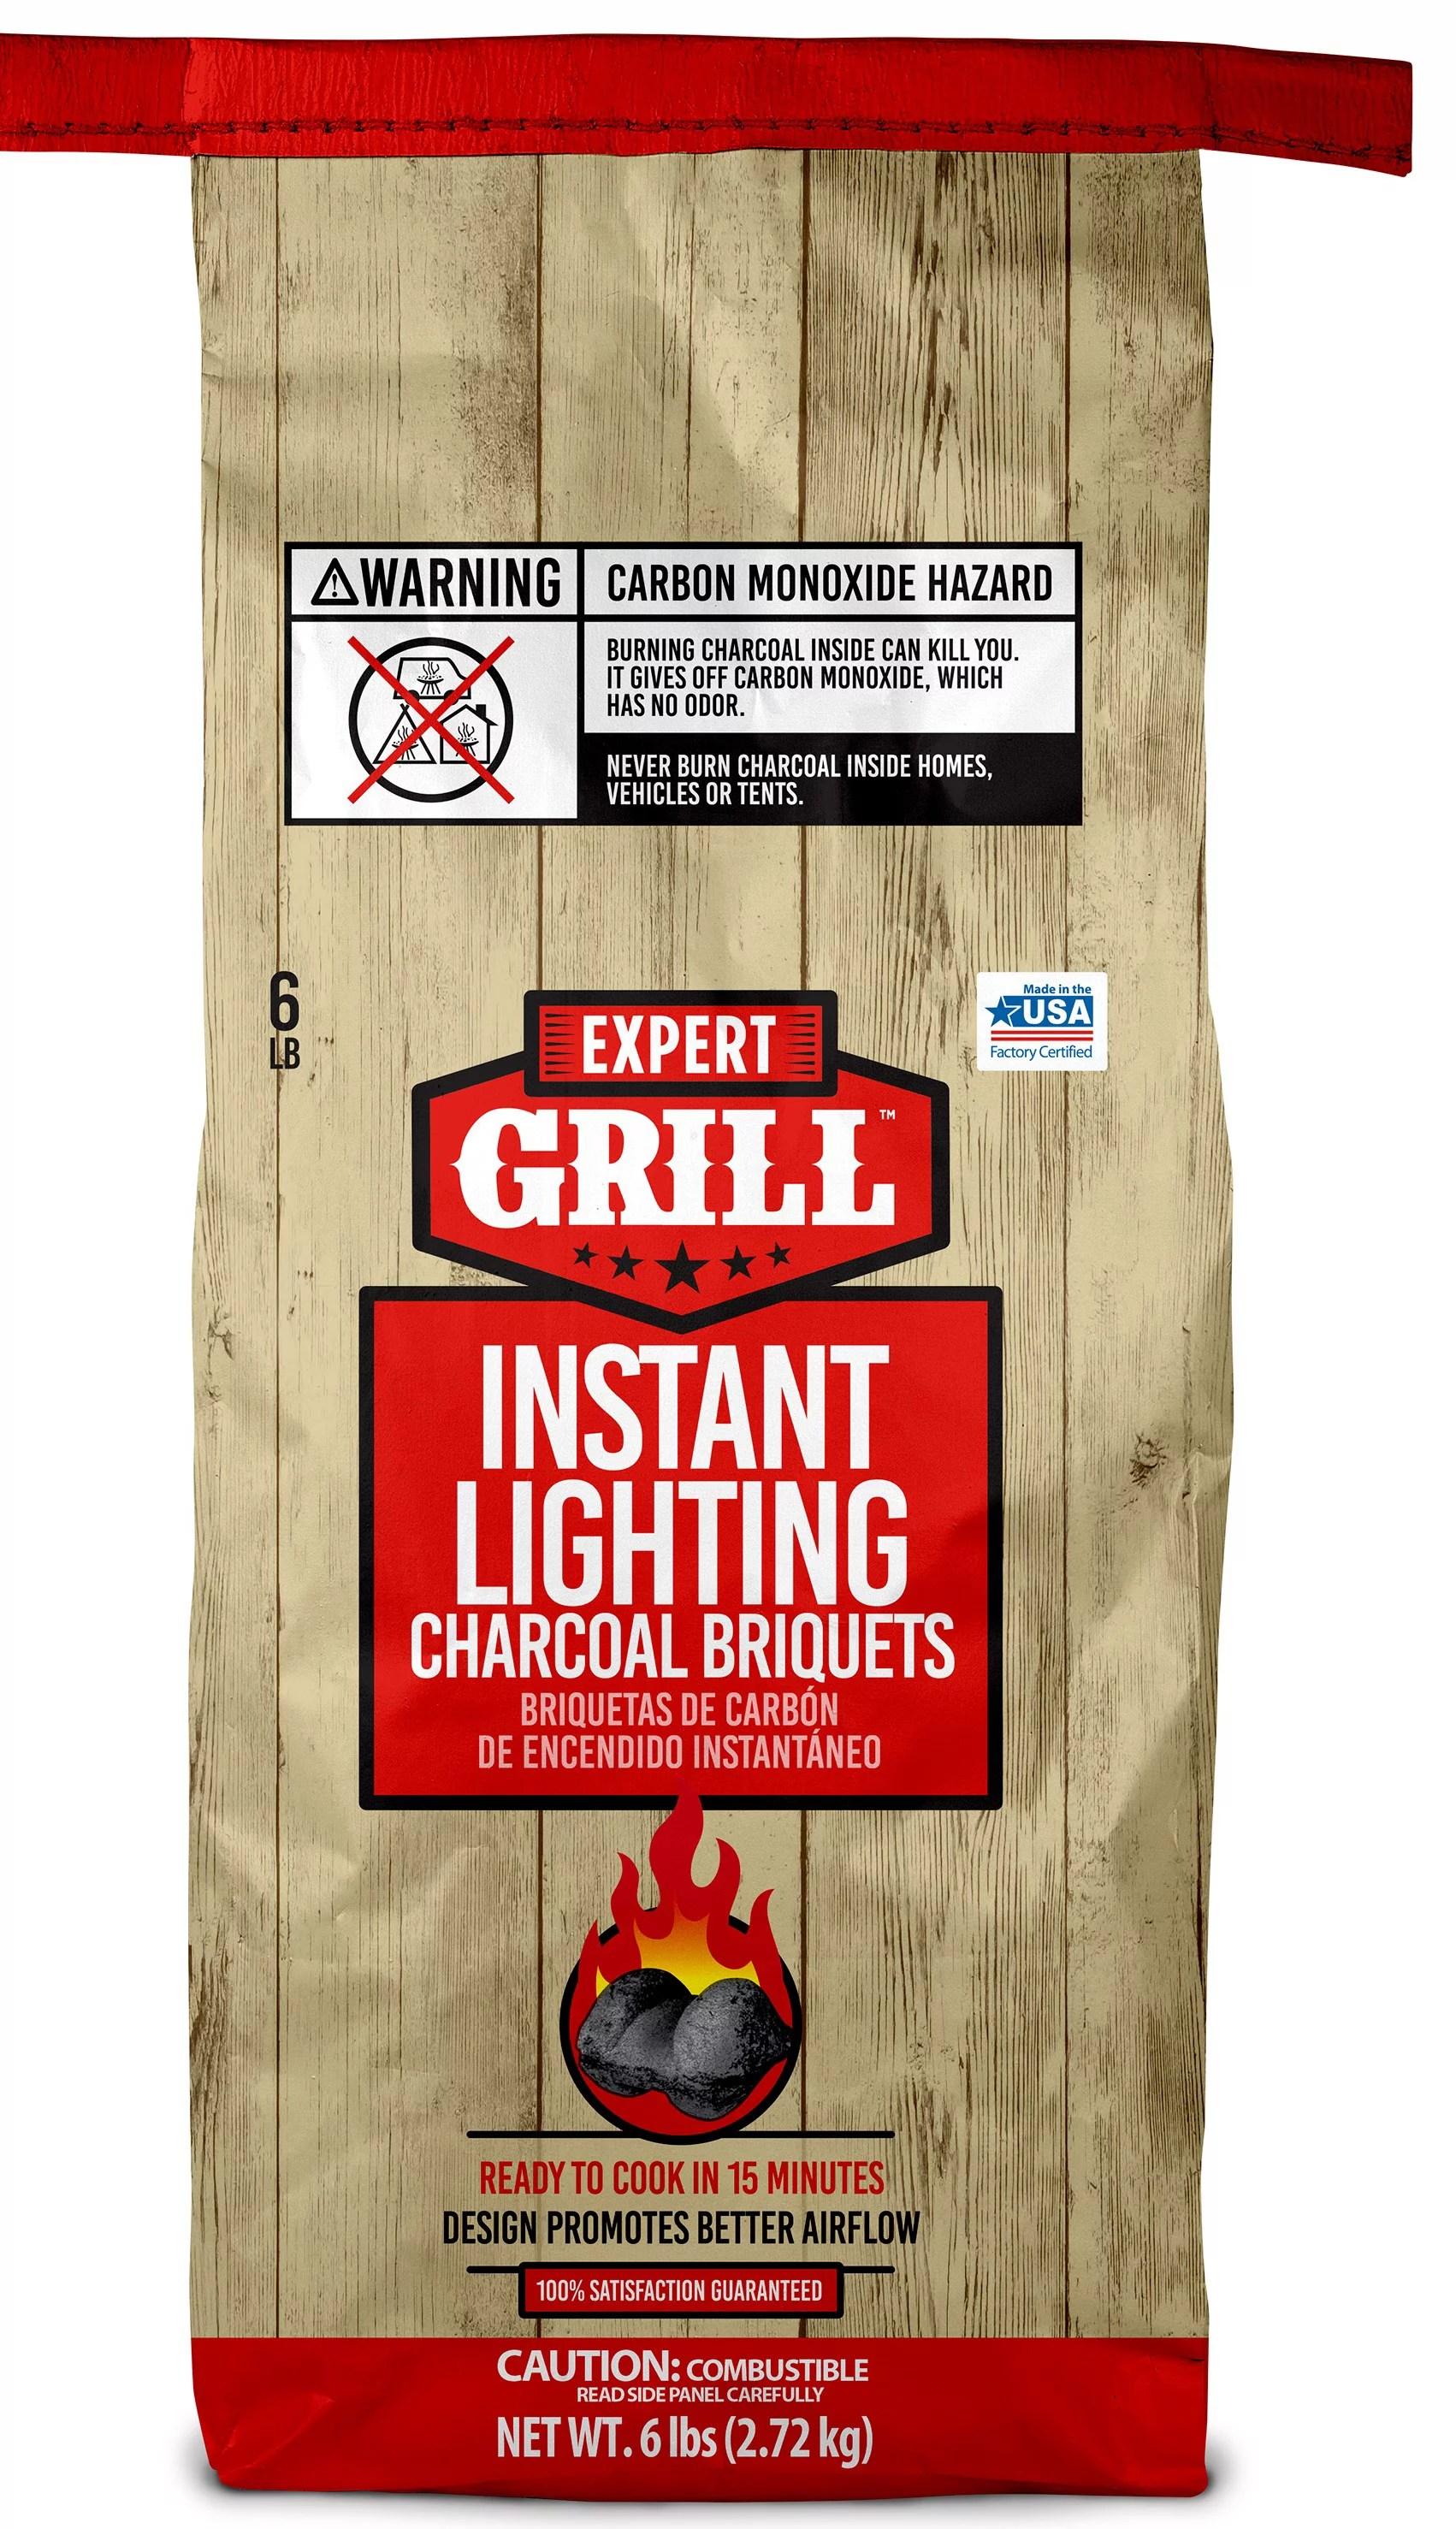 expert grill instant charcoal briquets charcoal grill briquettes 6 lb walmart com walmart com